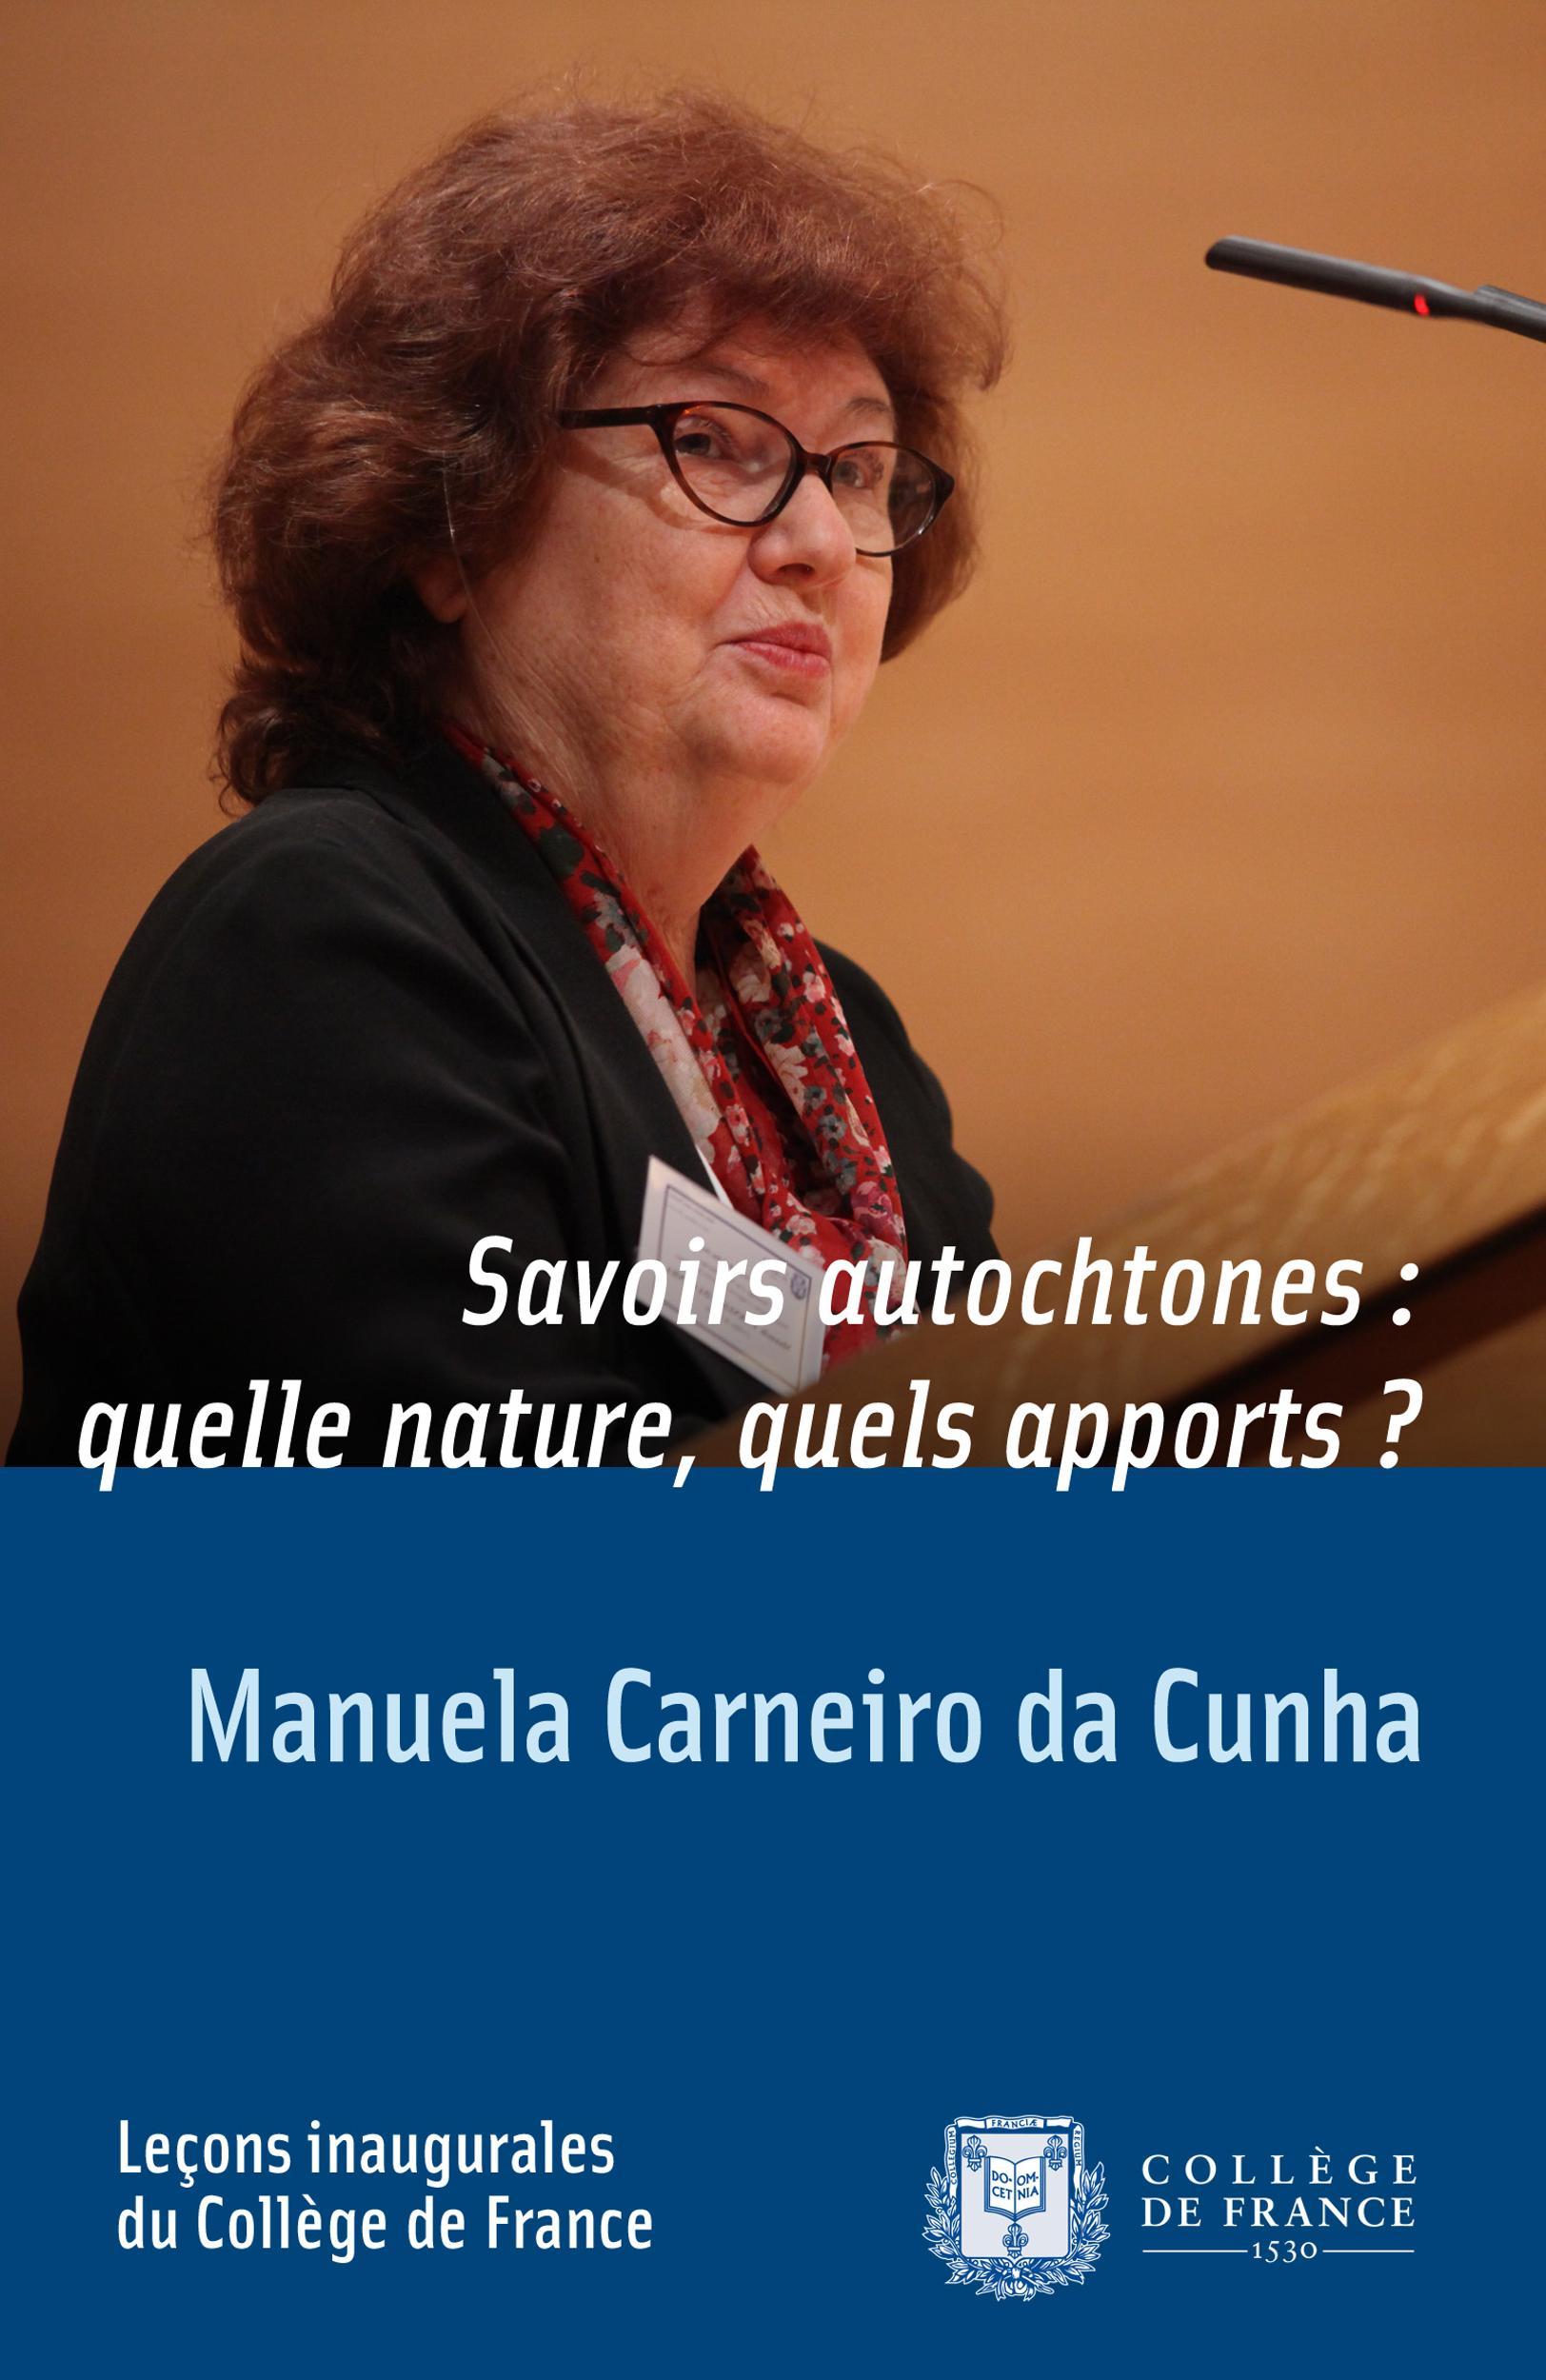 Savoirs autochtones: quelle nature, quels apports?, LEÇON INAUGURALE PRONONCÉE LE JEUDI 22MARS2012